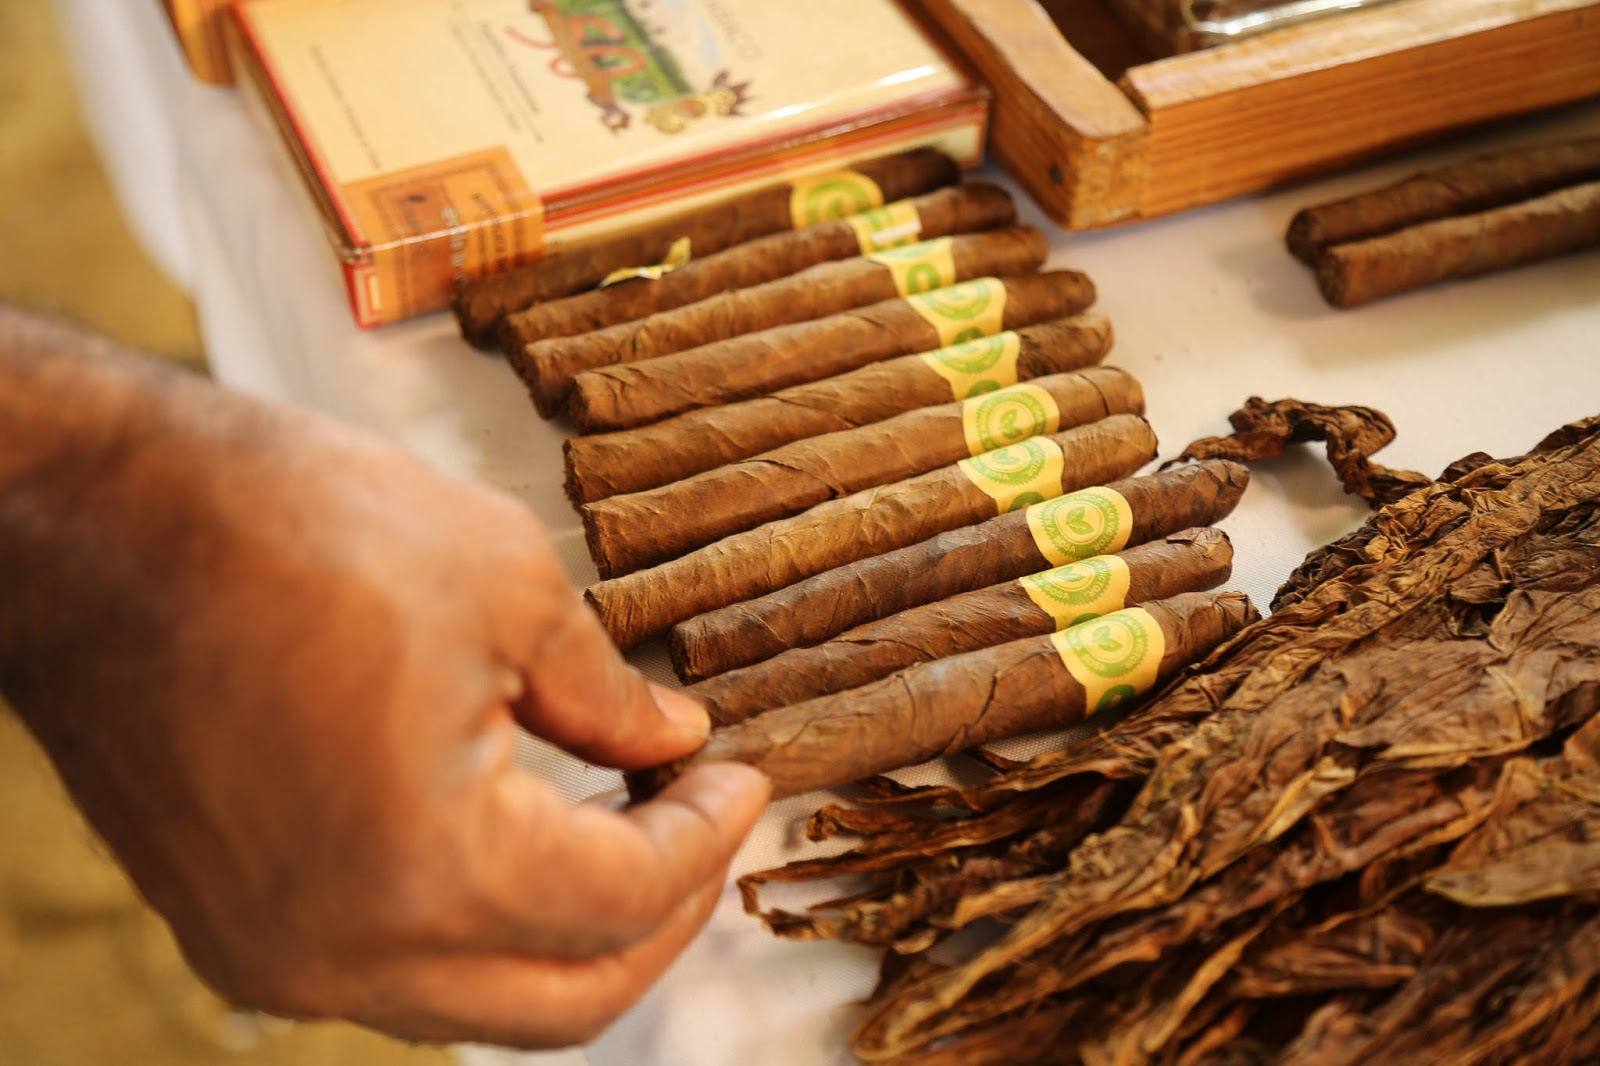 Más riquezas y empleo en Espaillat: tabacaleros reciben apoyo para agregar valor a sus productos